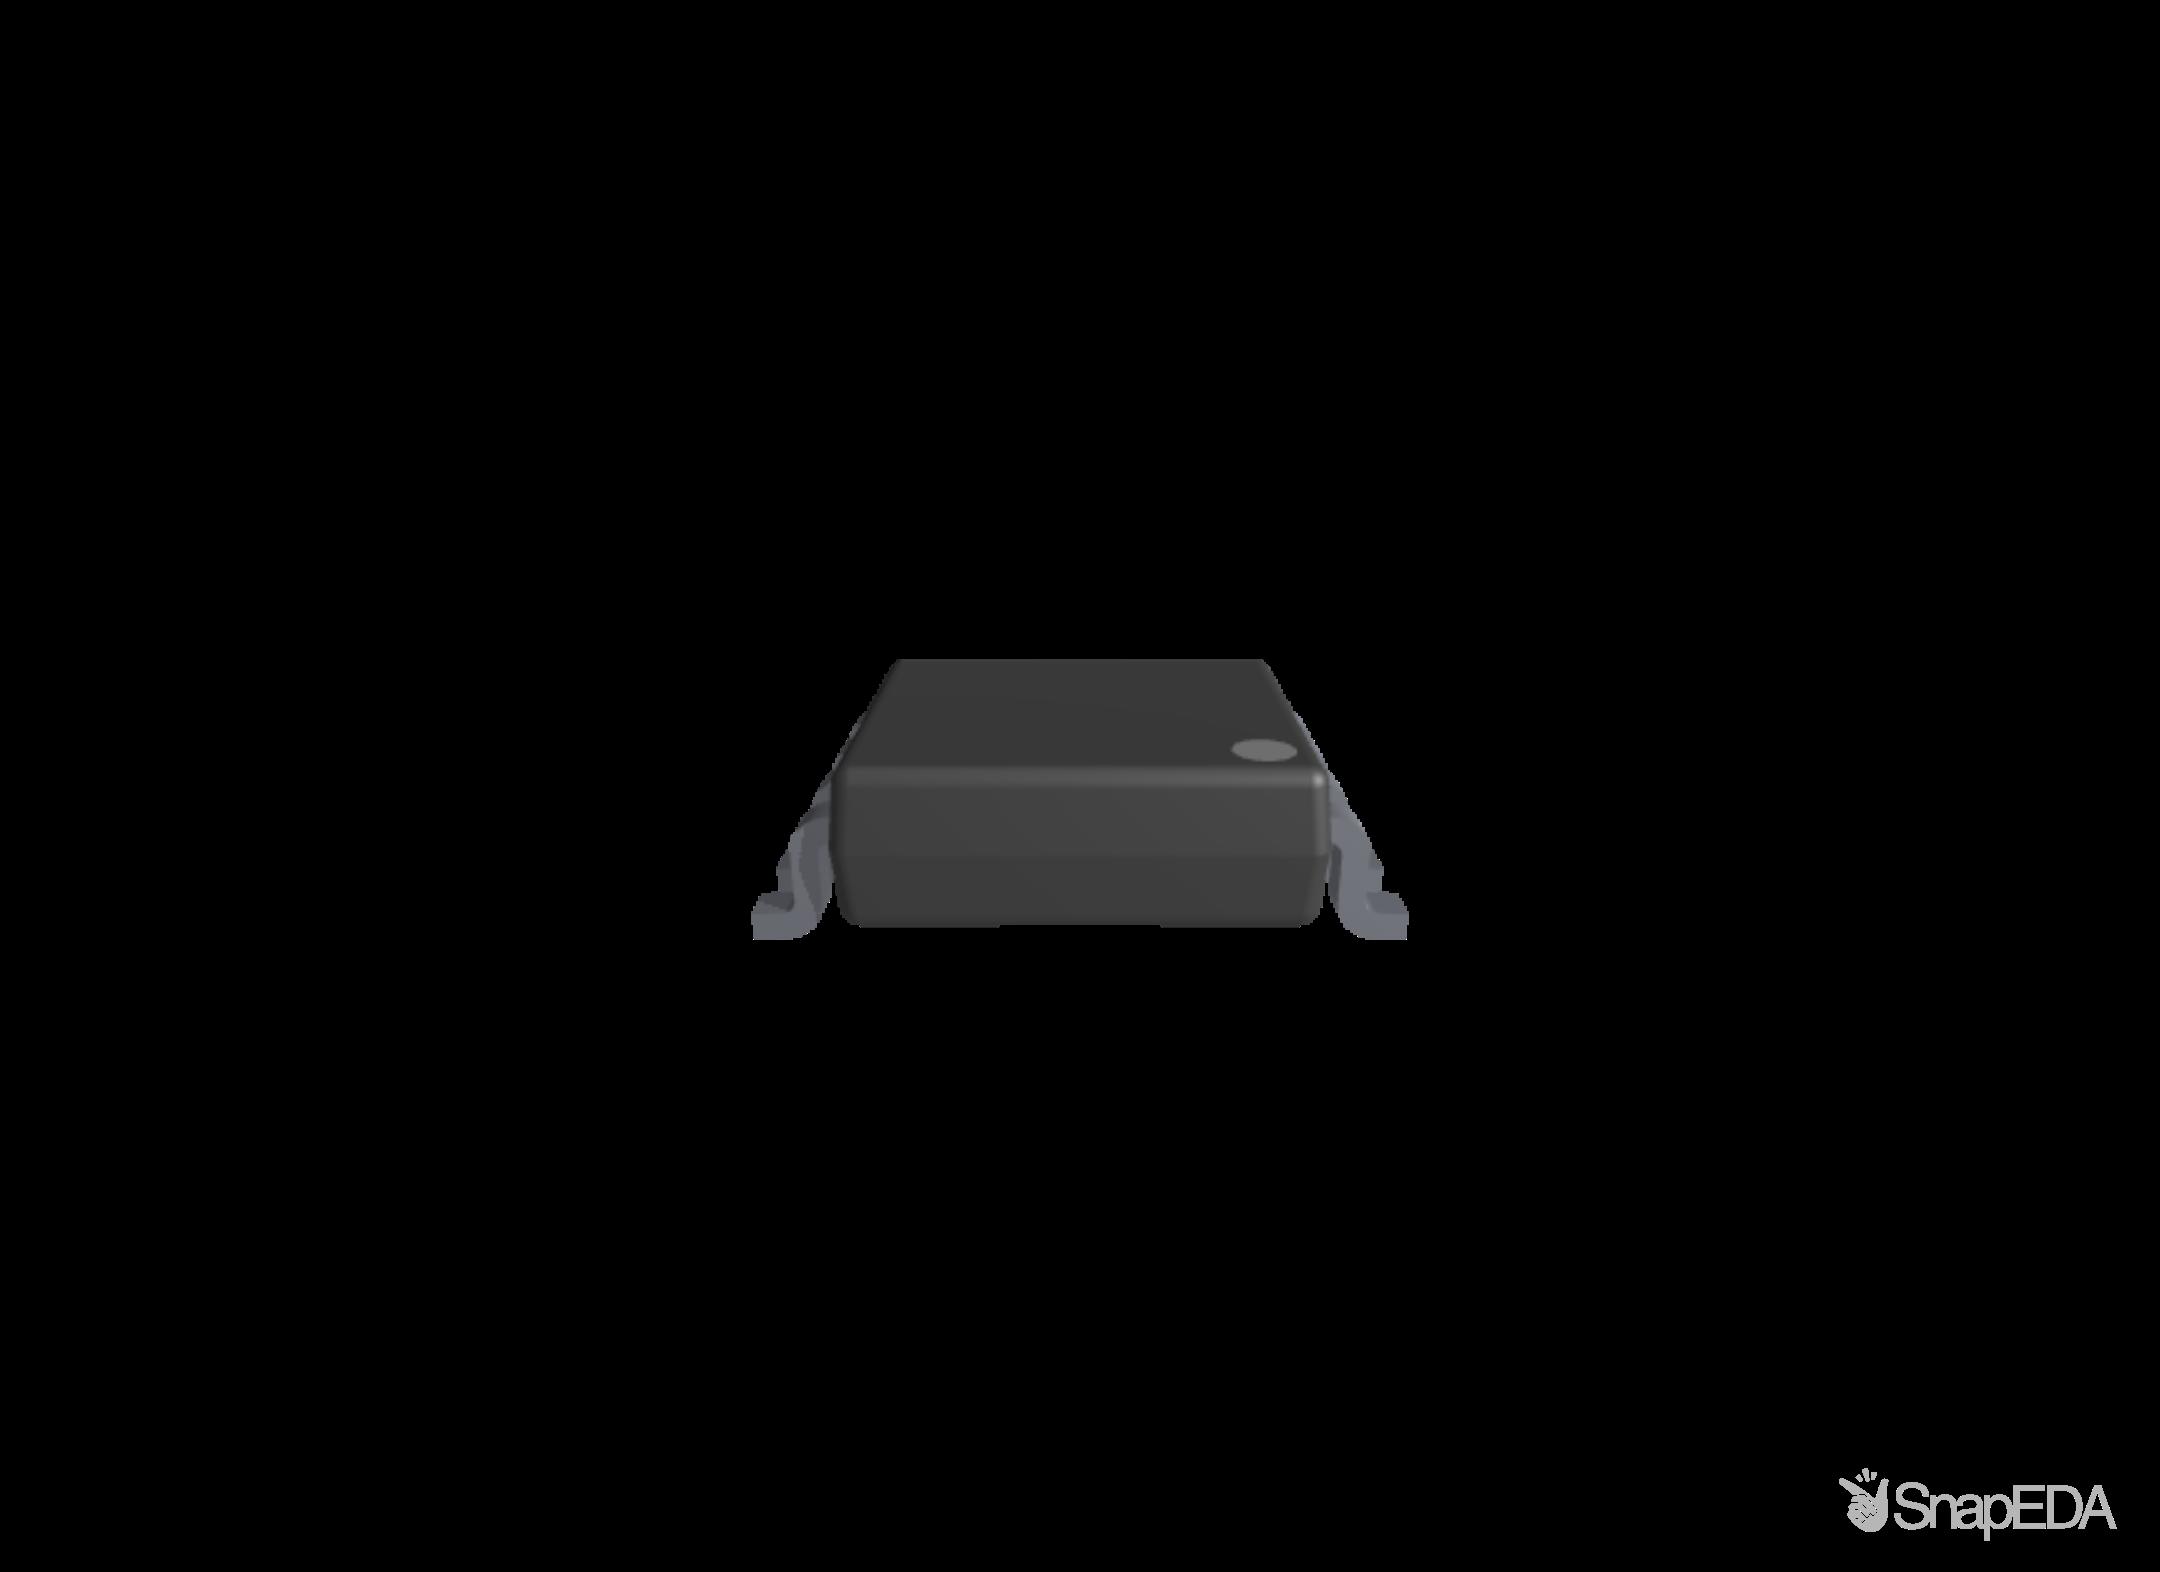 SN74LVC3G17DCUR 3D Model